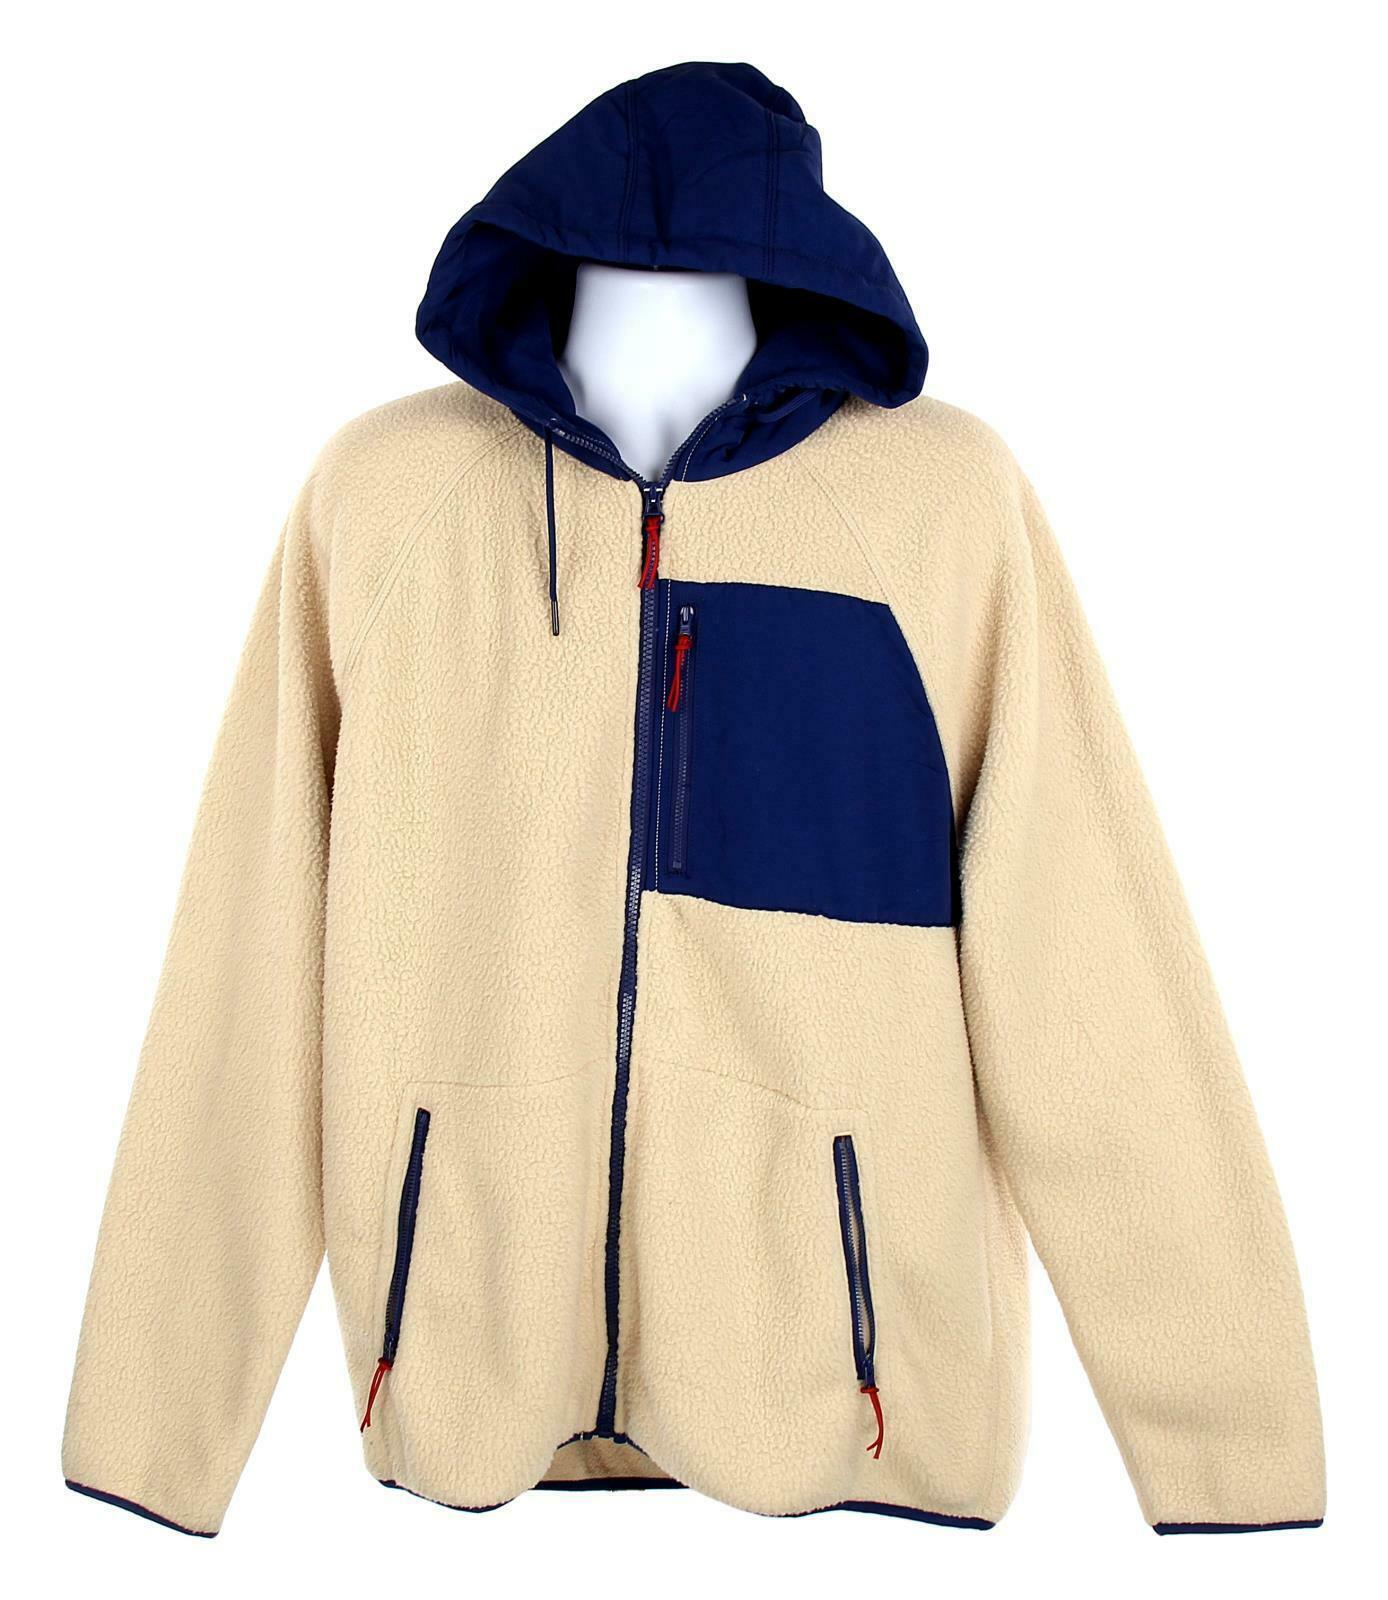 J Crew Mens Sherpa Zip Front Hooded Jacket Fleece Coat XL Navy Cream K4296 image 2